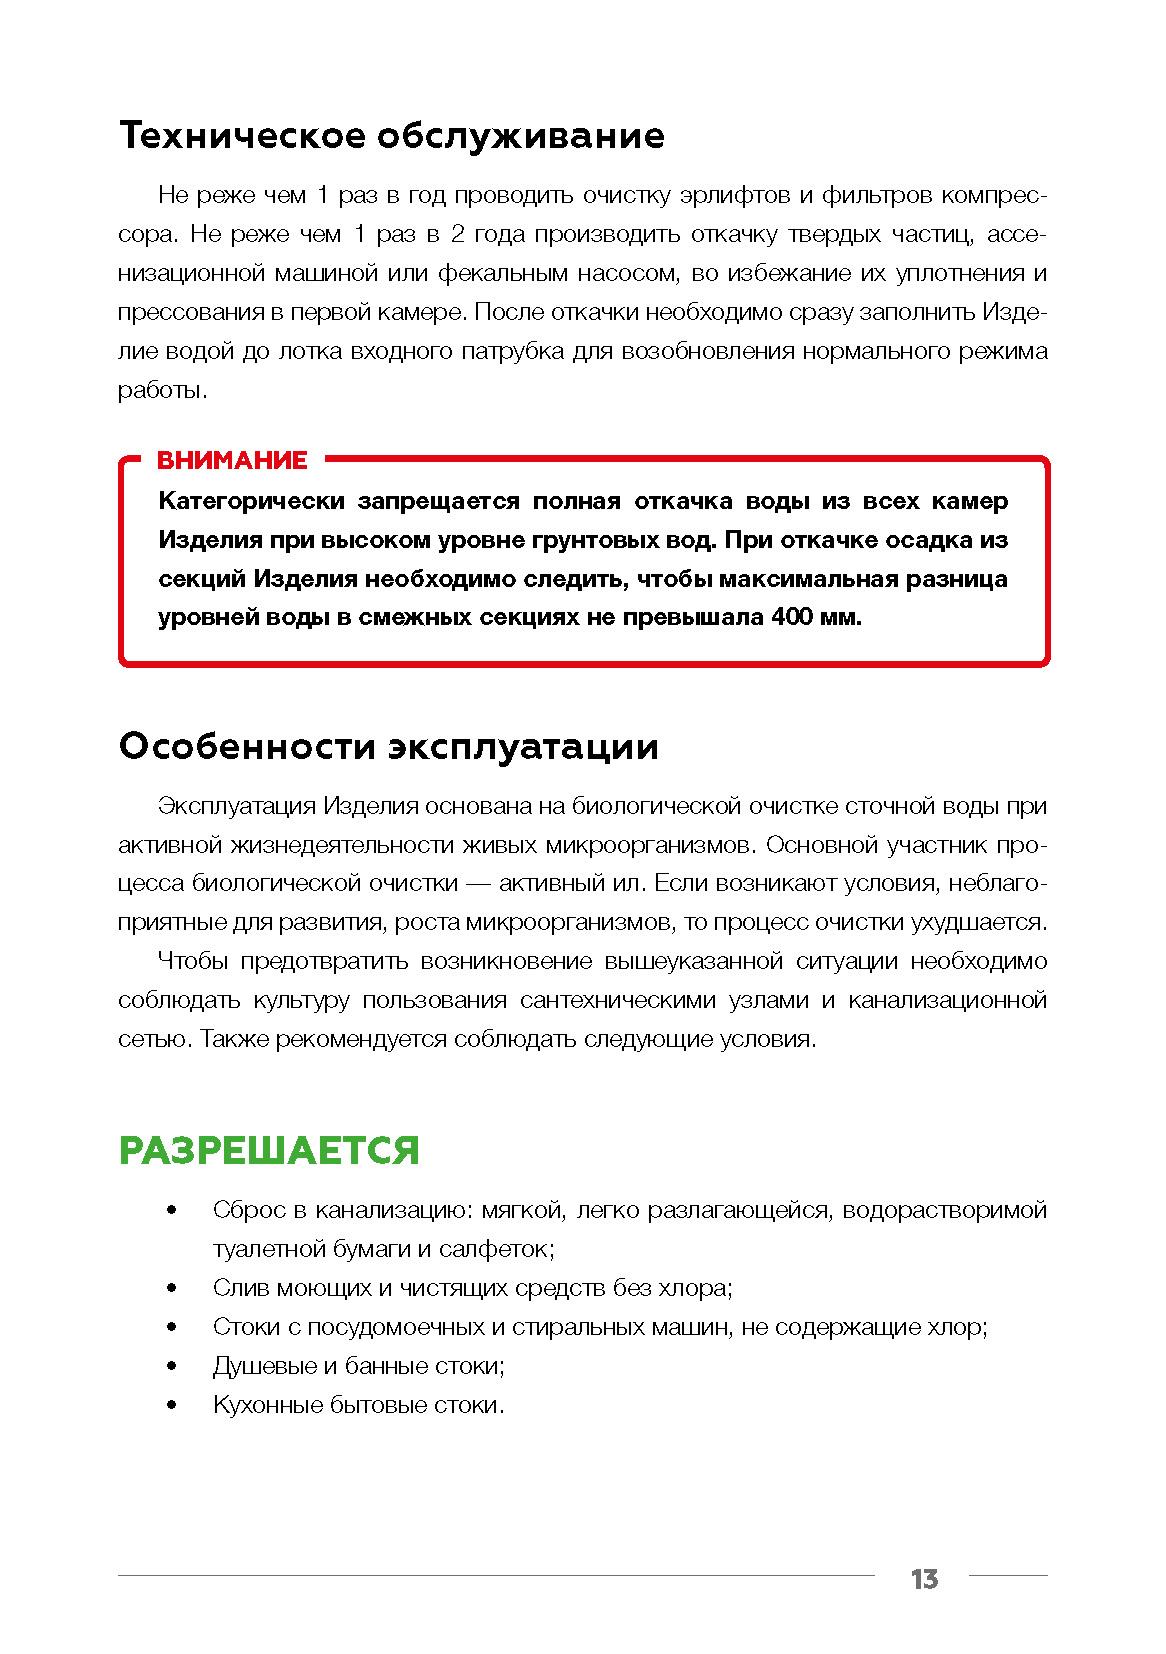 Технический паспорт Евролос Про_Страница_15